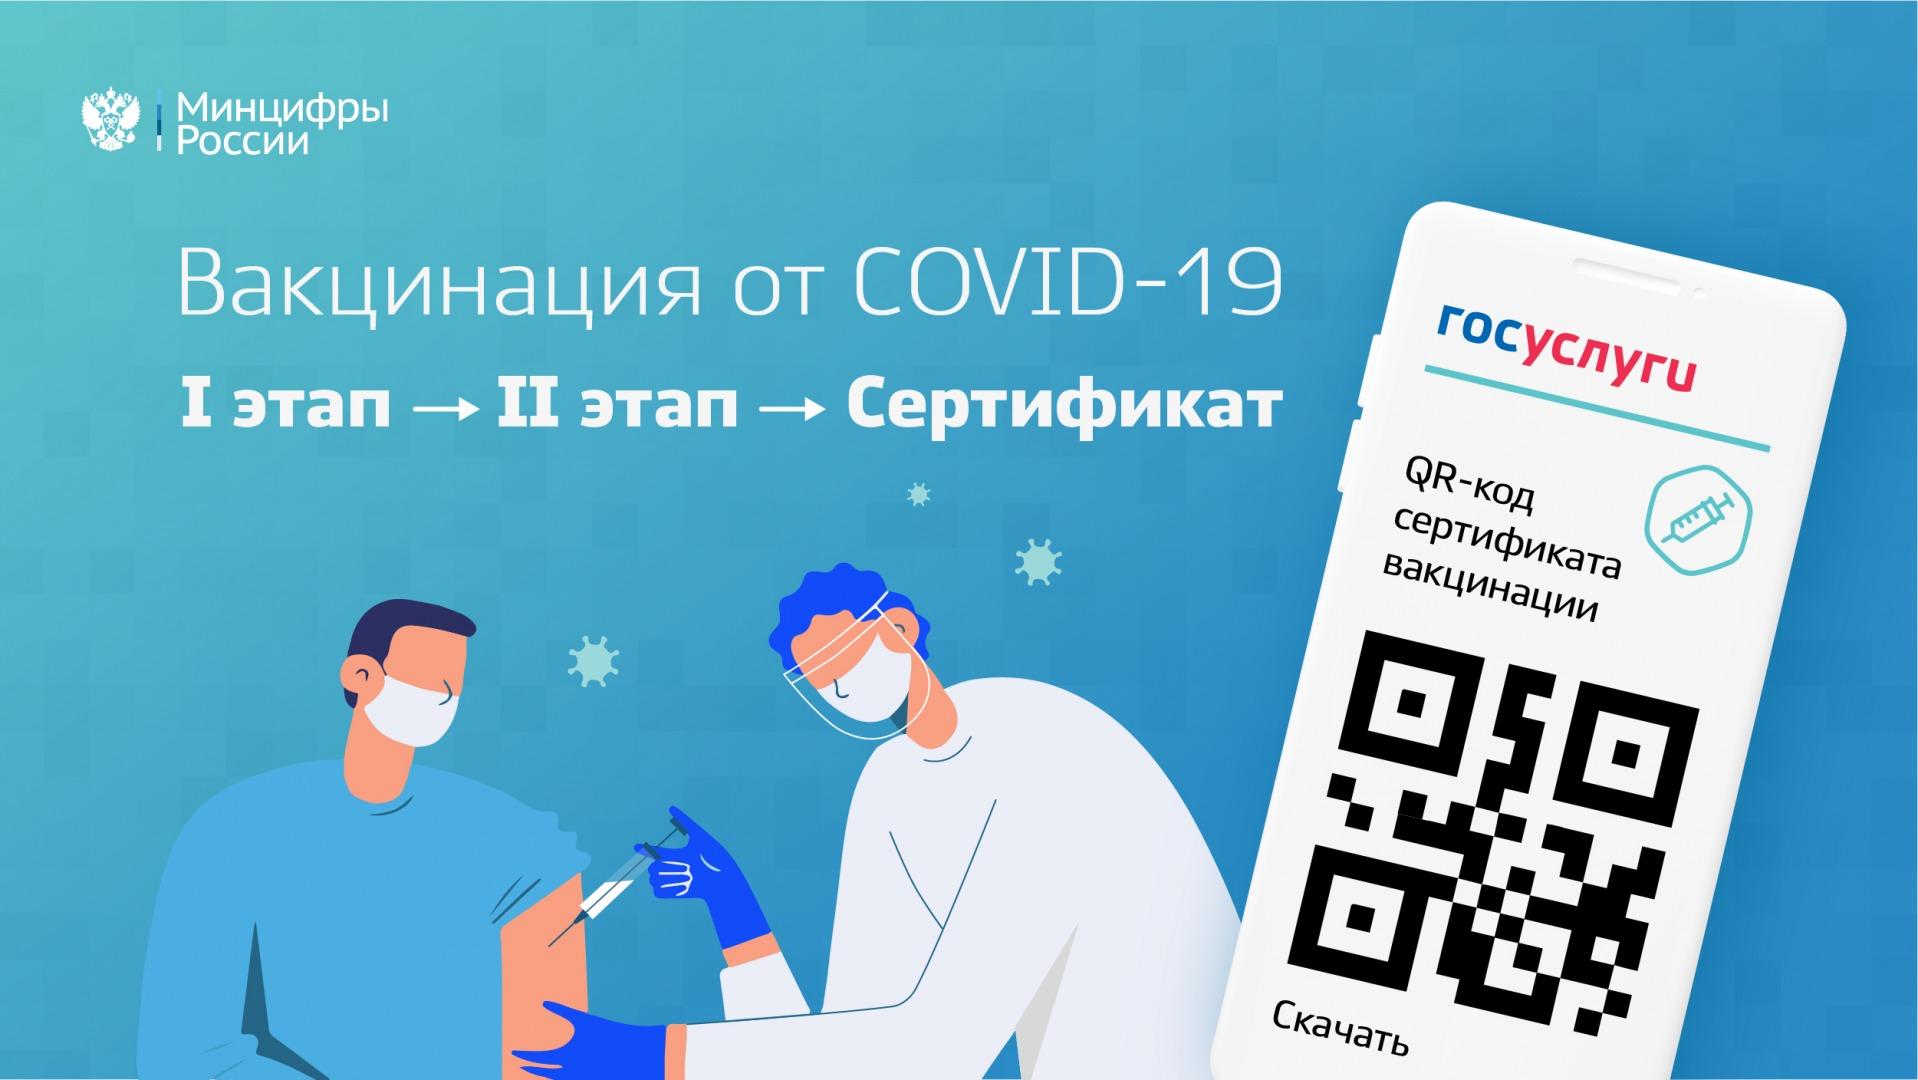 Сертификат о вакцинации от коронавируса привяжут к загранпаспорту - Новости